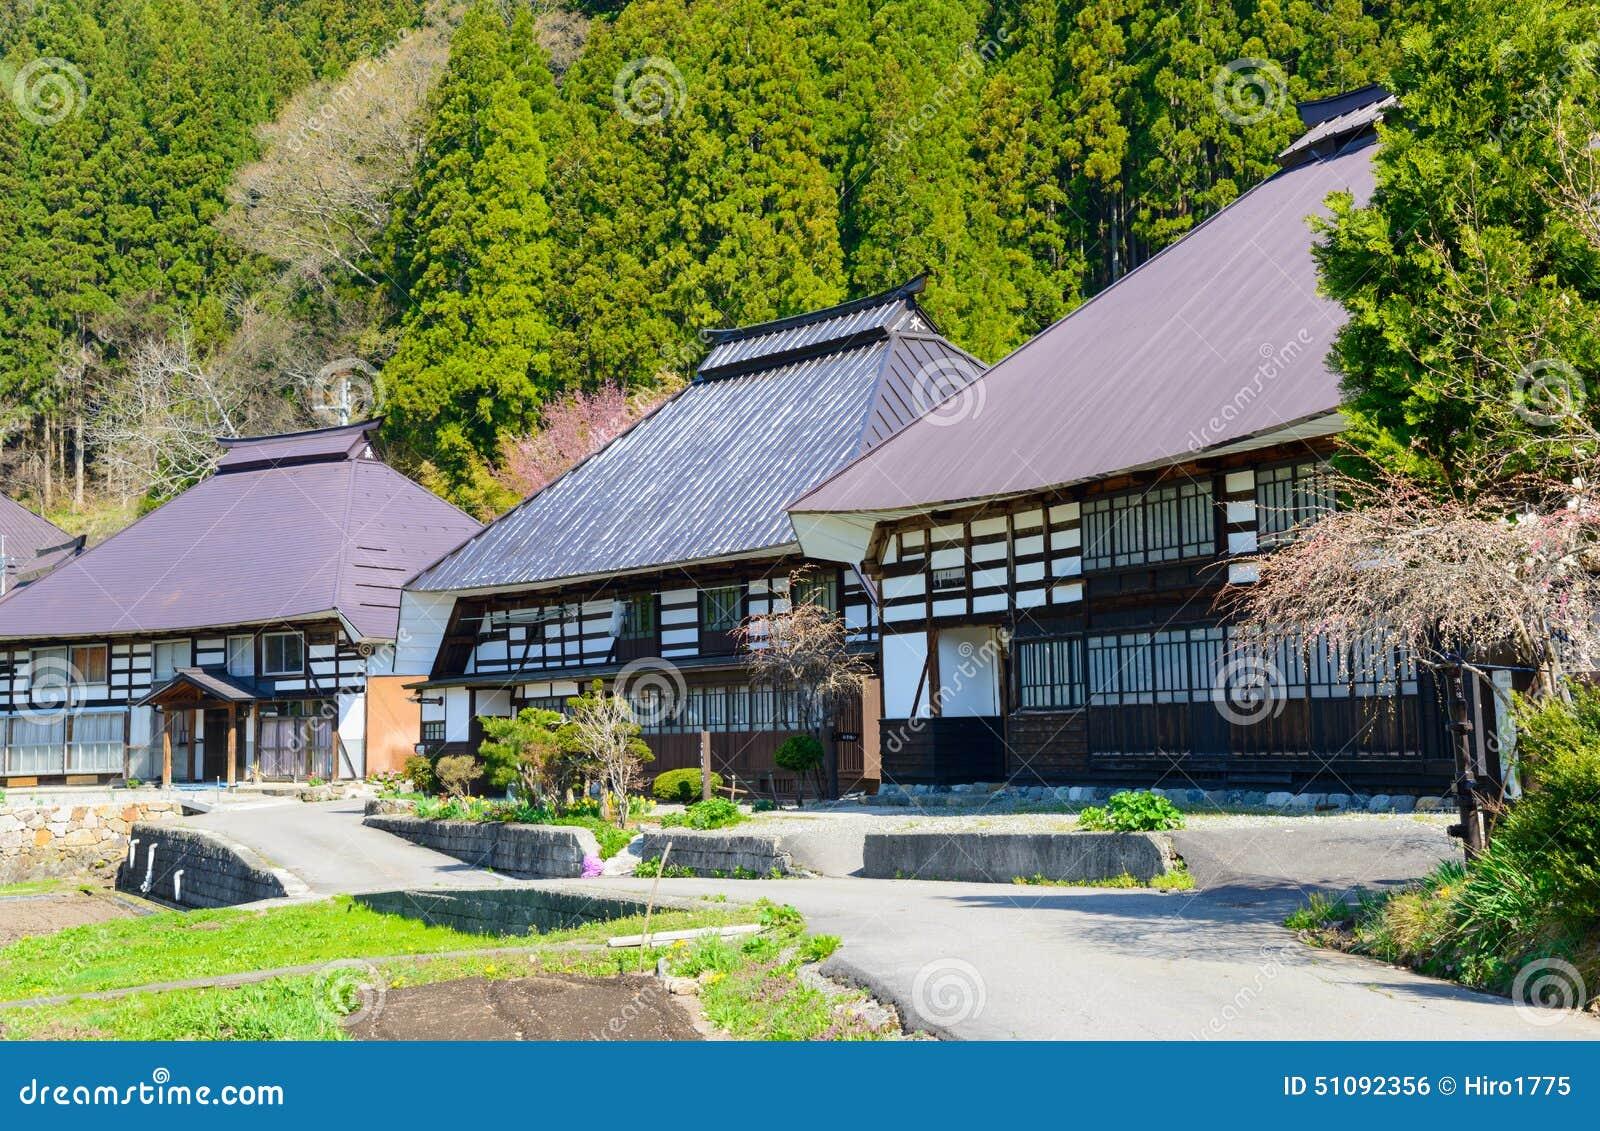 Ιστορικό χωριό σε Hakuba, Ναγκάνο, Ιαπωνία